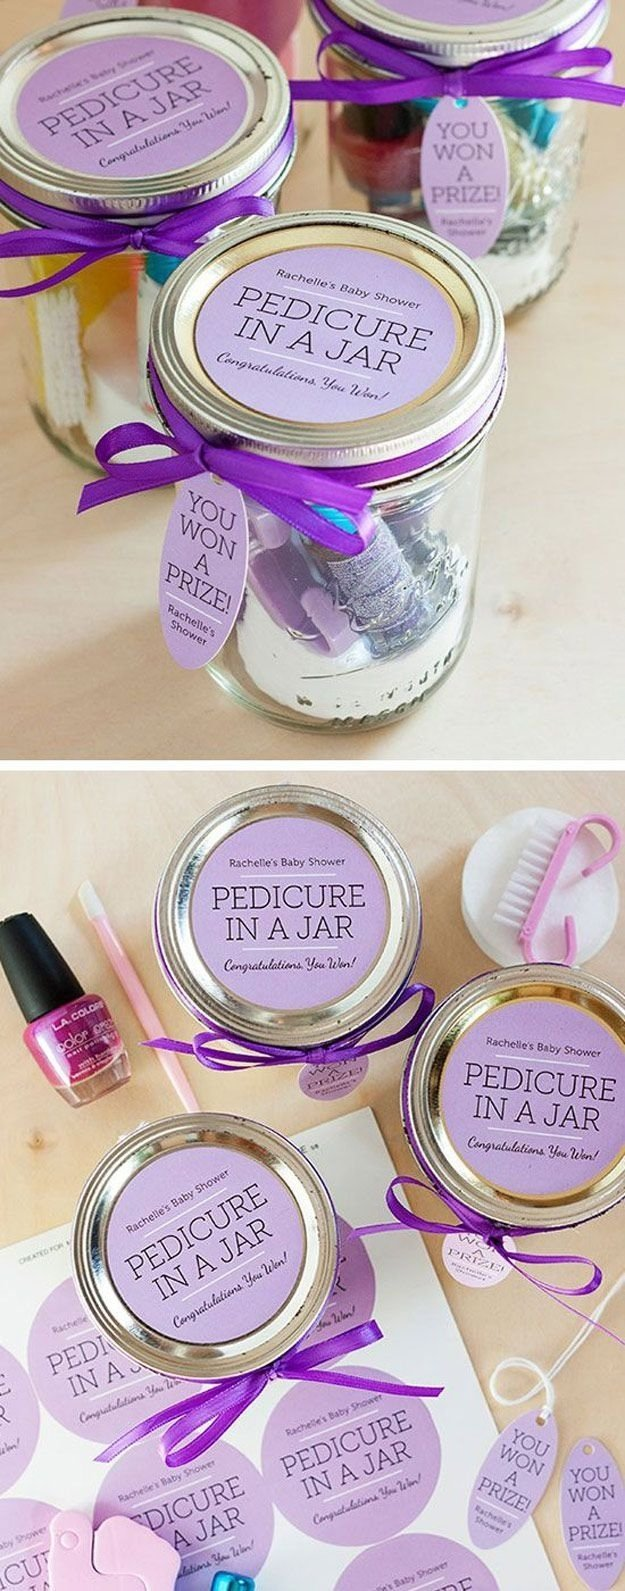 10 Lovable Homemade Gift Ideas For Women 2430 best homemade gift ideas images on pinterest christmas 1 2020